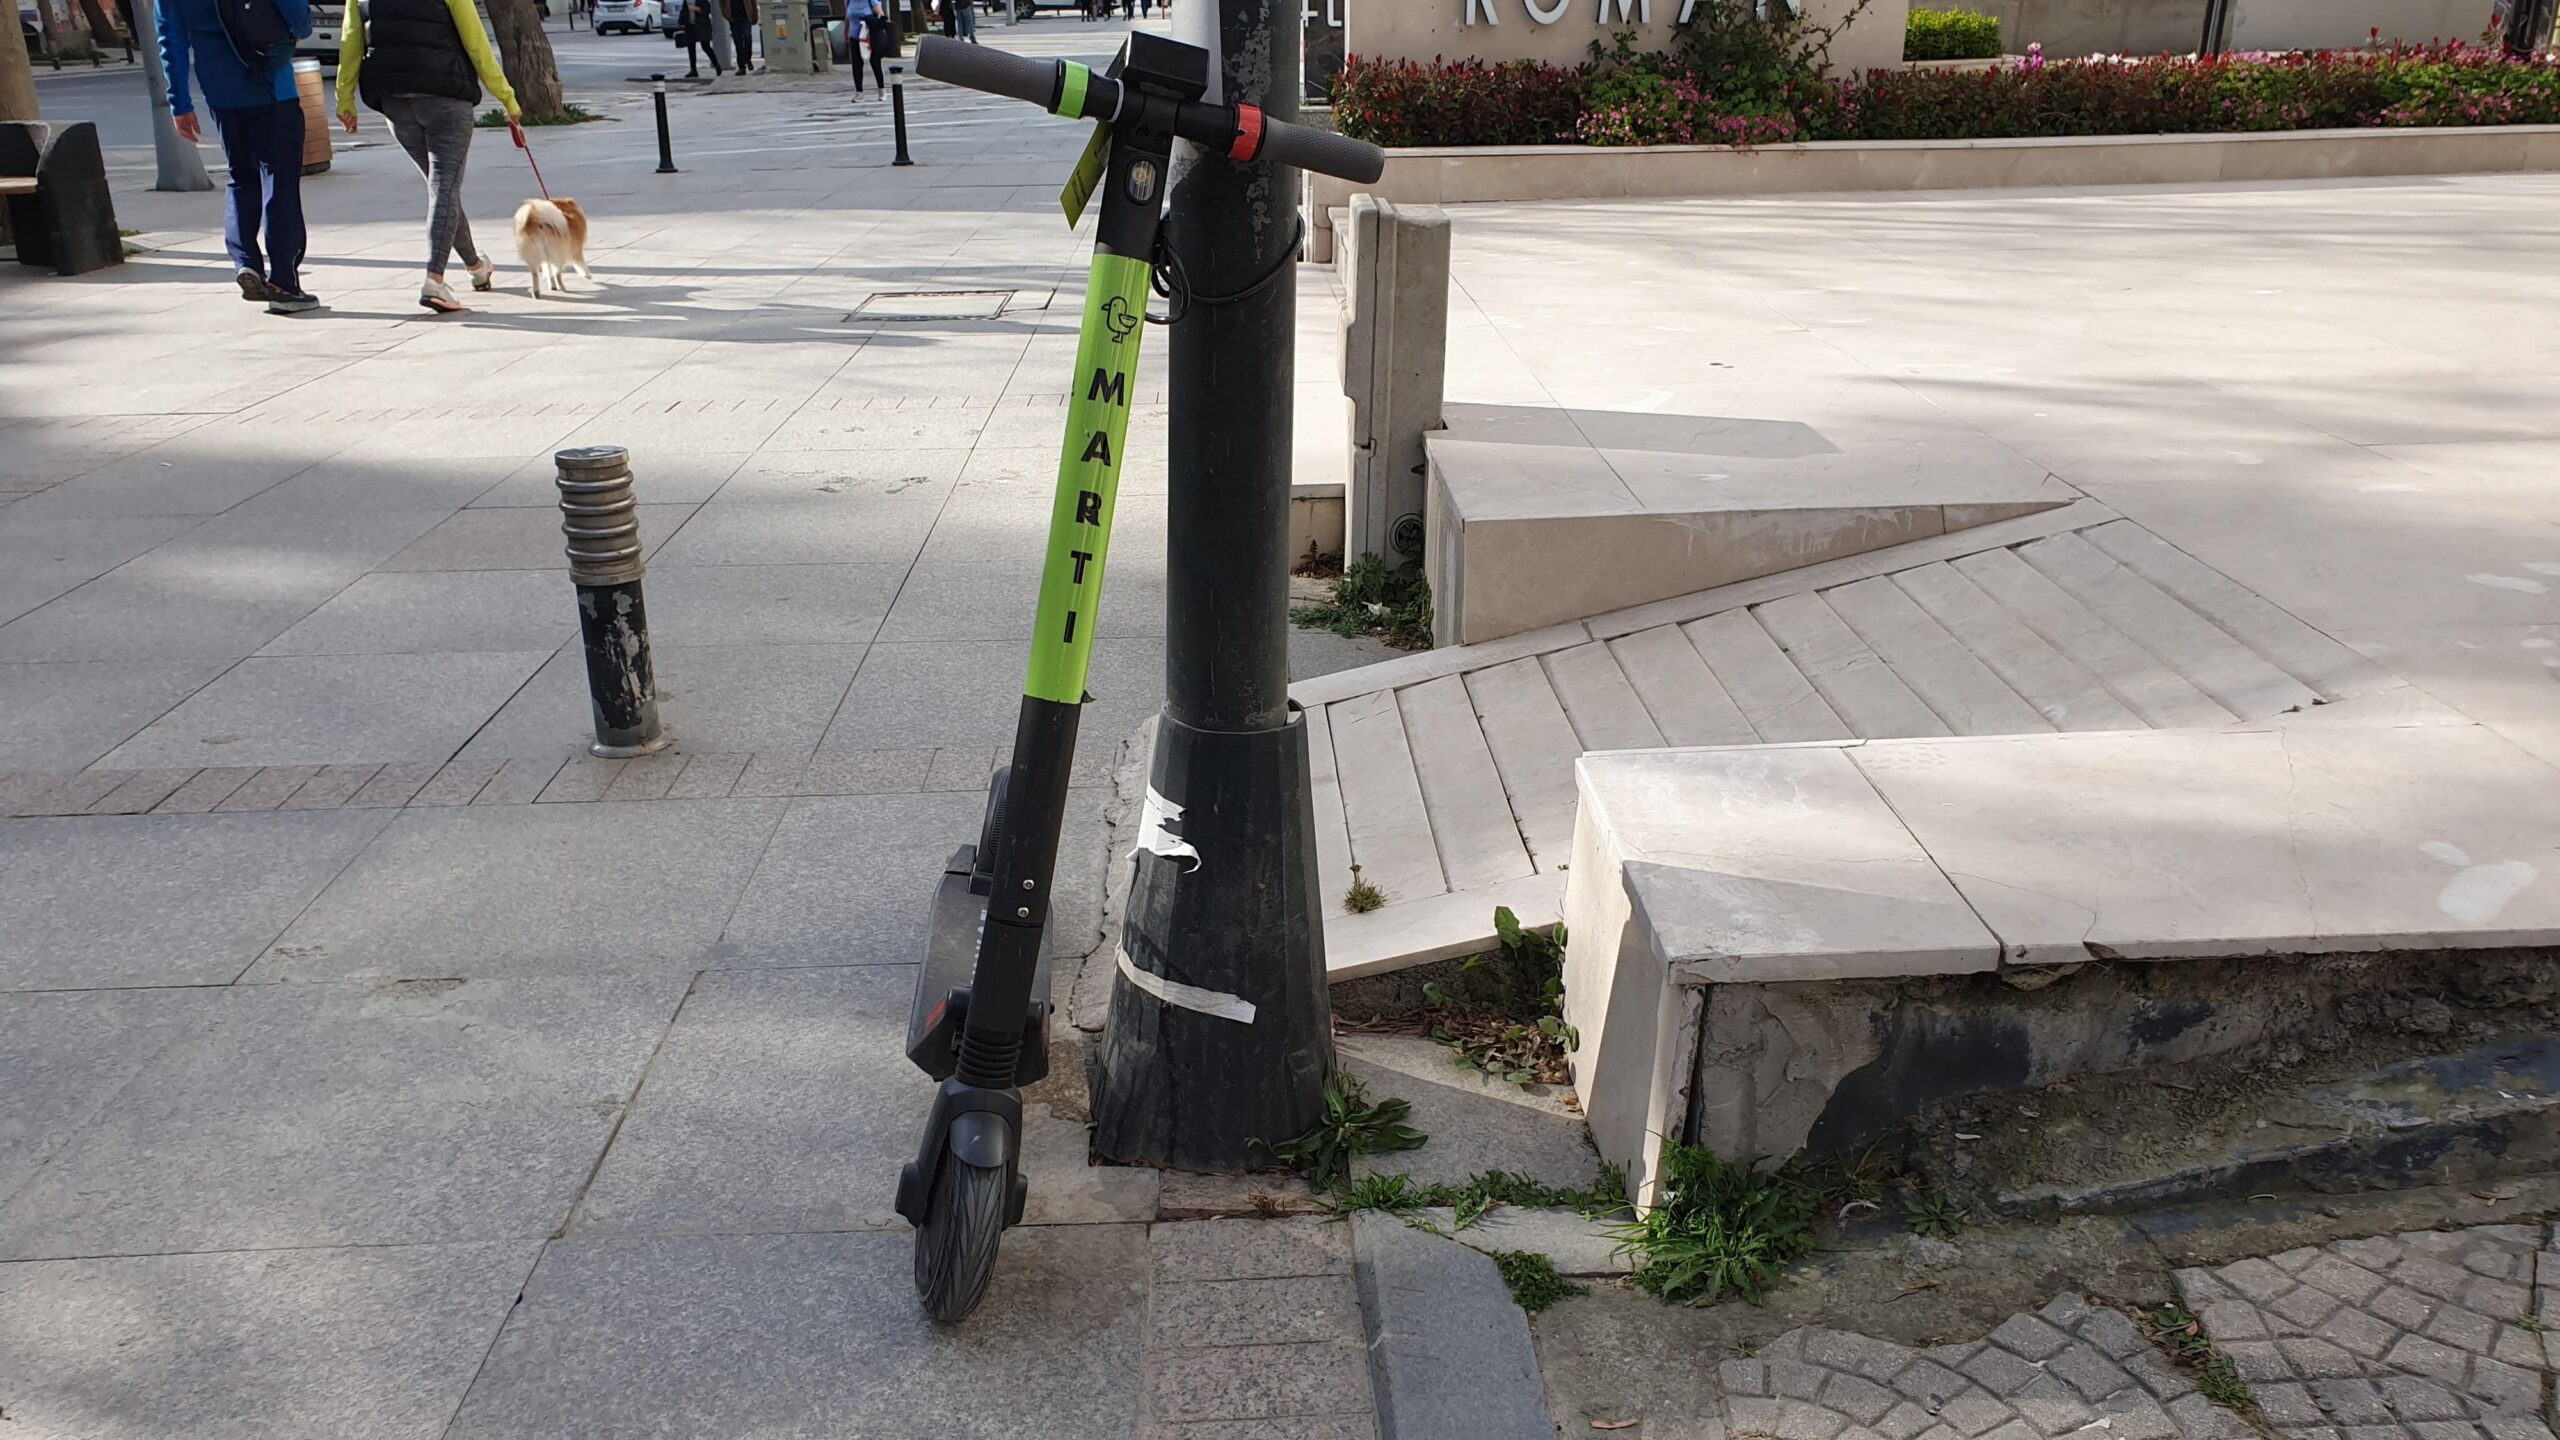 Martı Elektrikli Scooter | Martı Scooter scaled